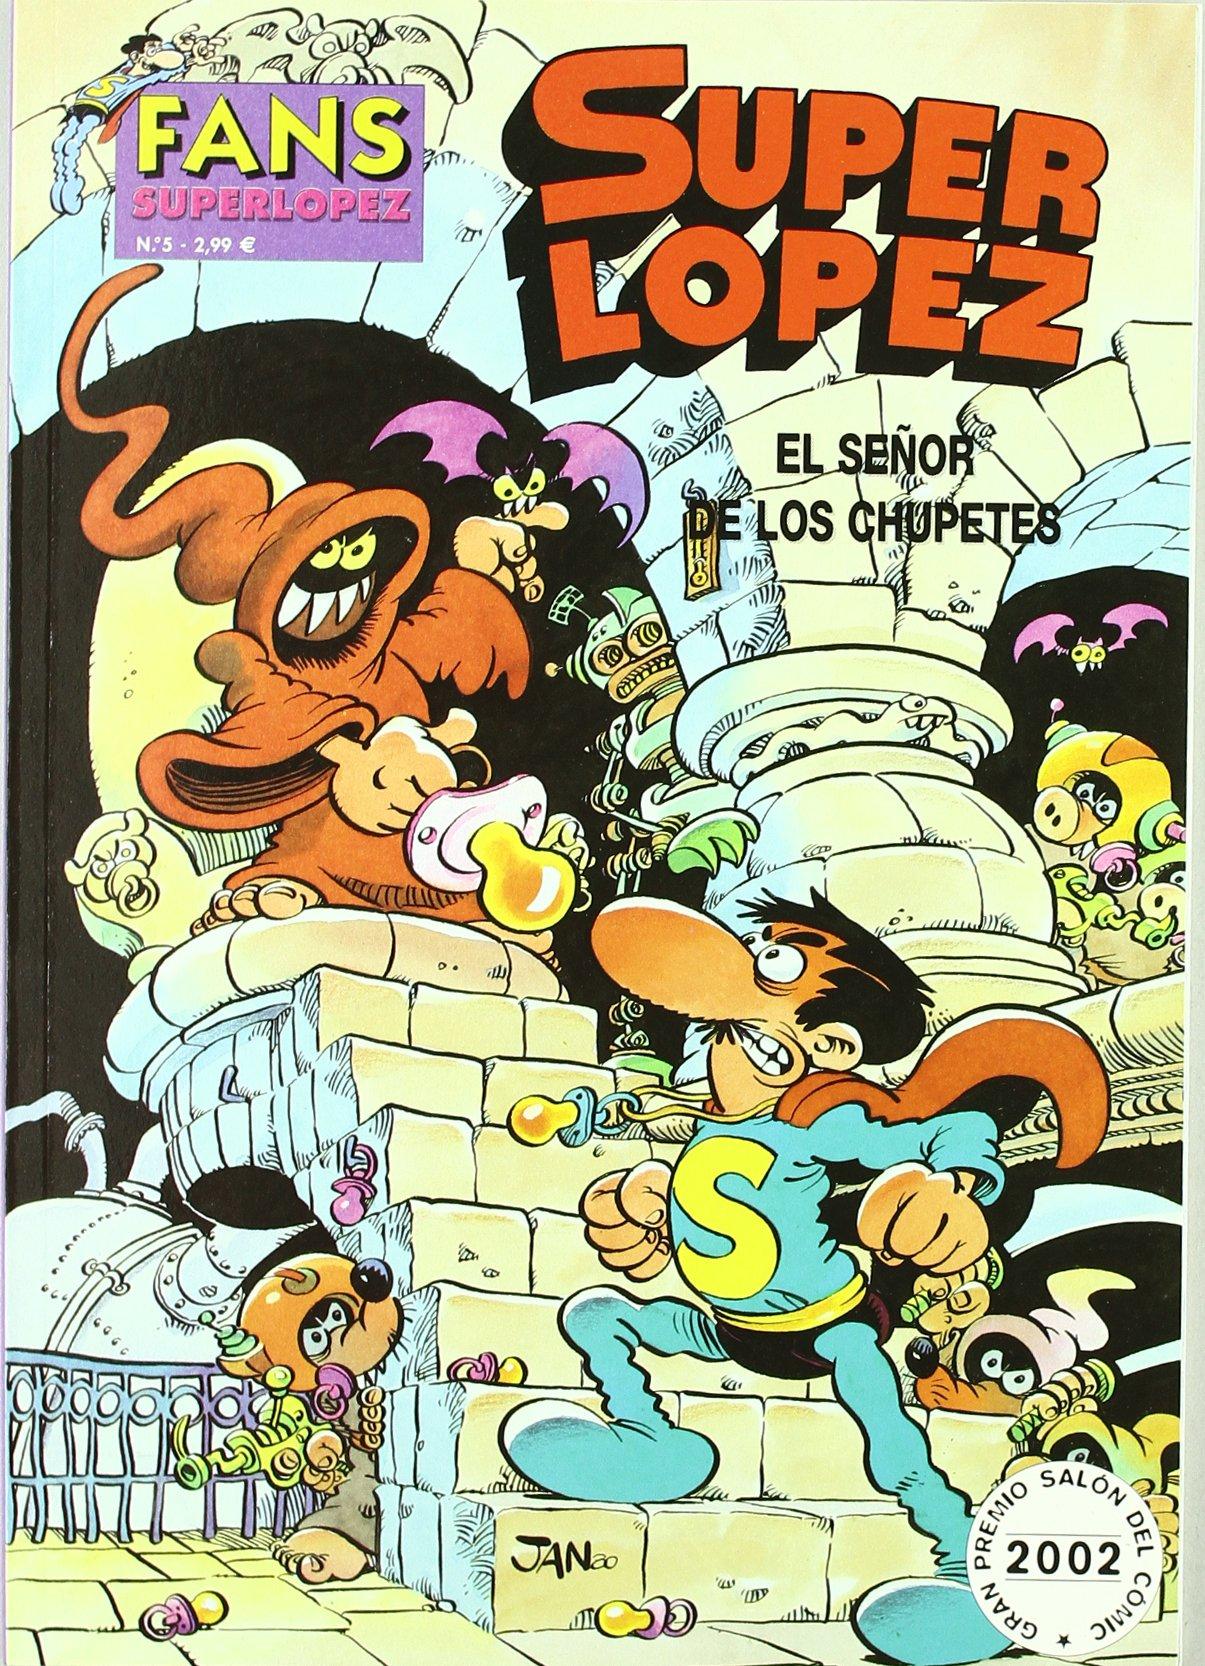 SEÑOR DE LOS CHUPETES, EL (FANS SUPER LOPEZ): Amazon.es: Jan: Libros